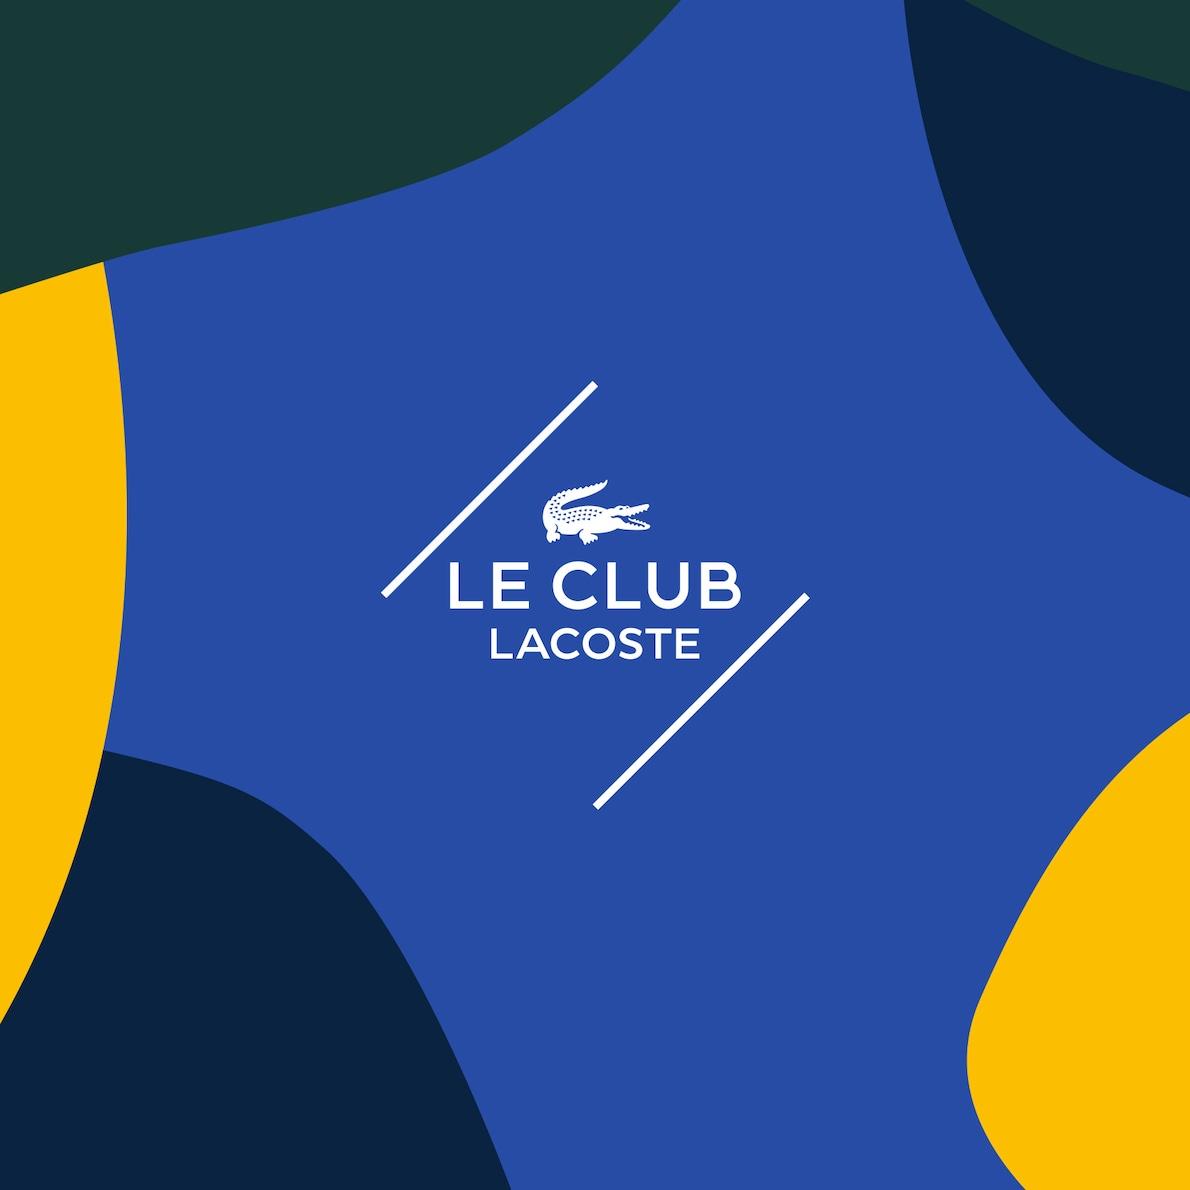 Le Club Lacoste'a Hoşgeldiniz